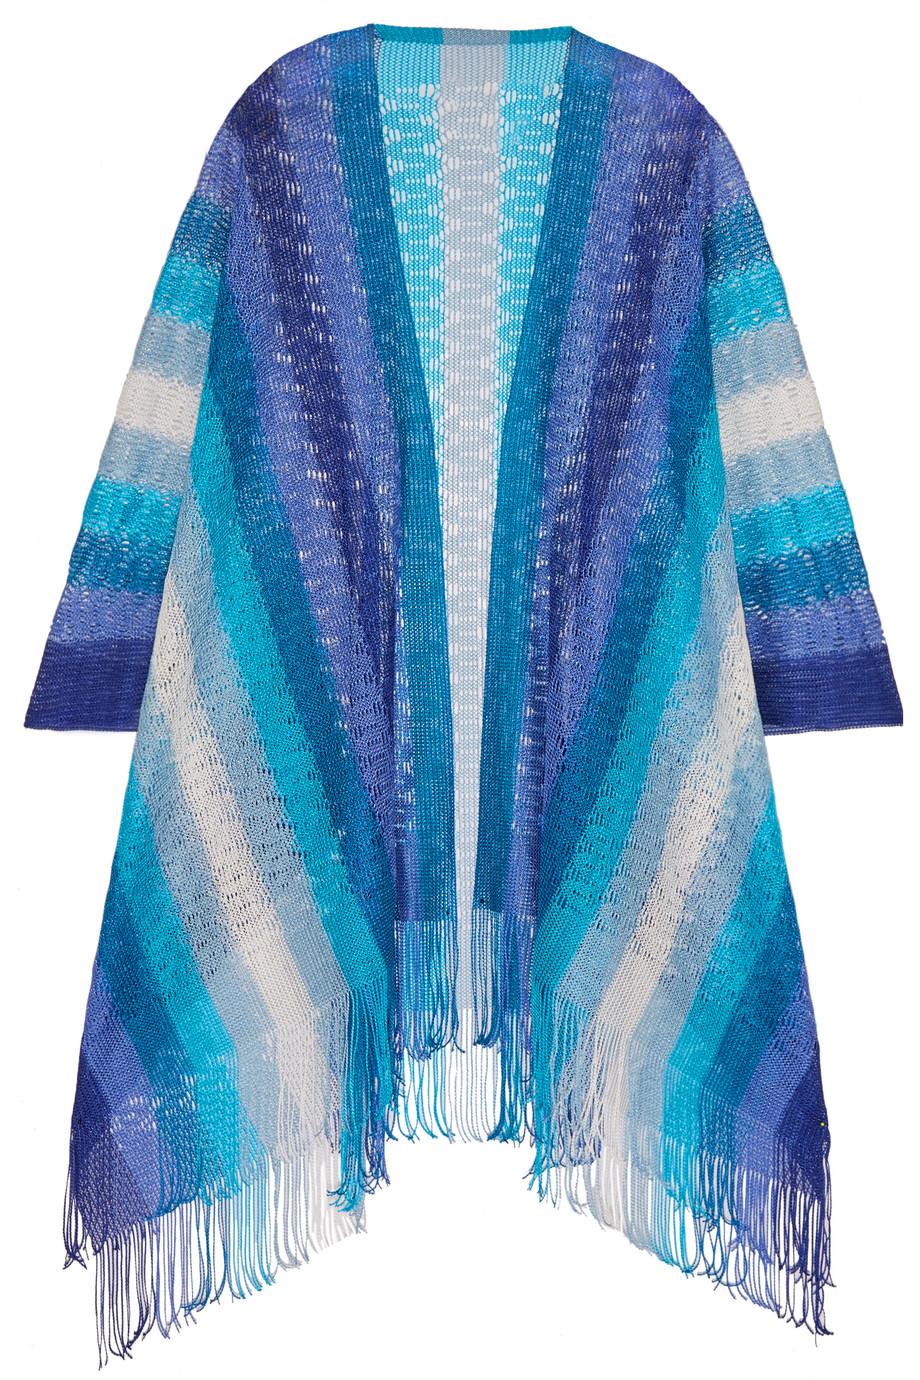 Missoni Fringed Crochet-Knit Wrap, Blue, Women's